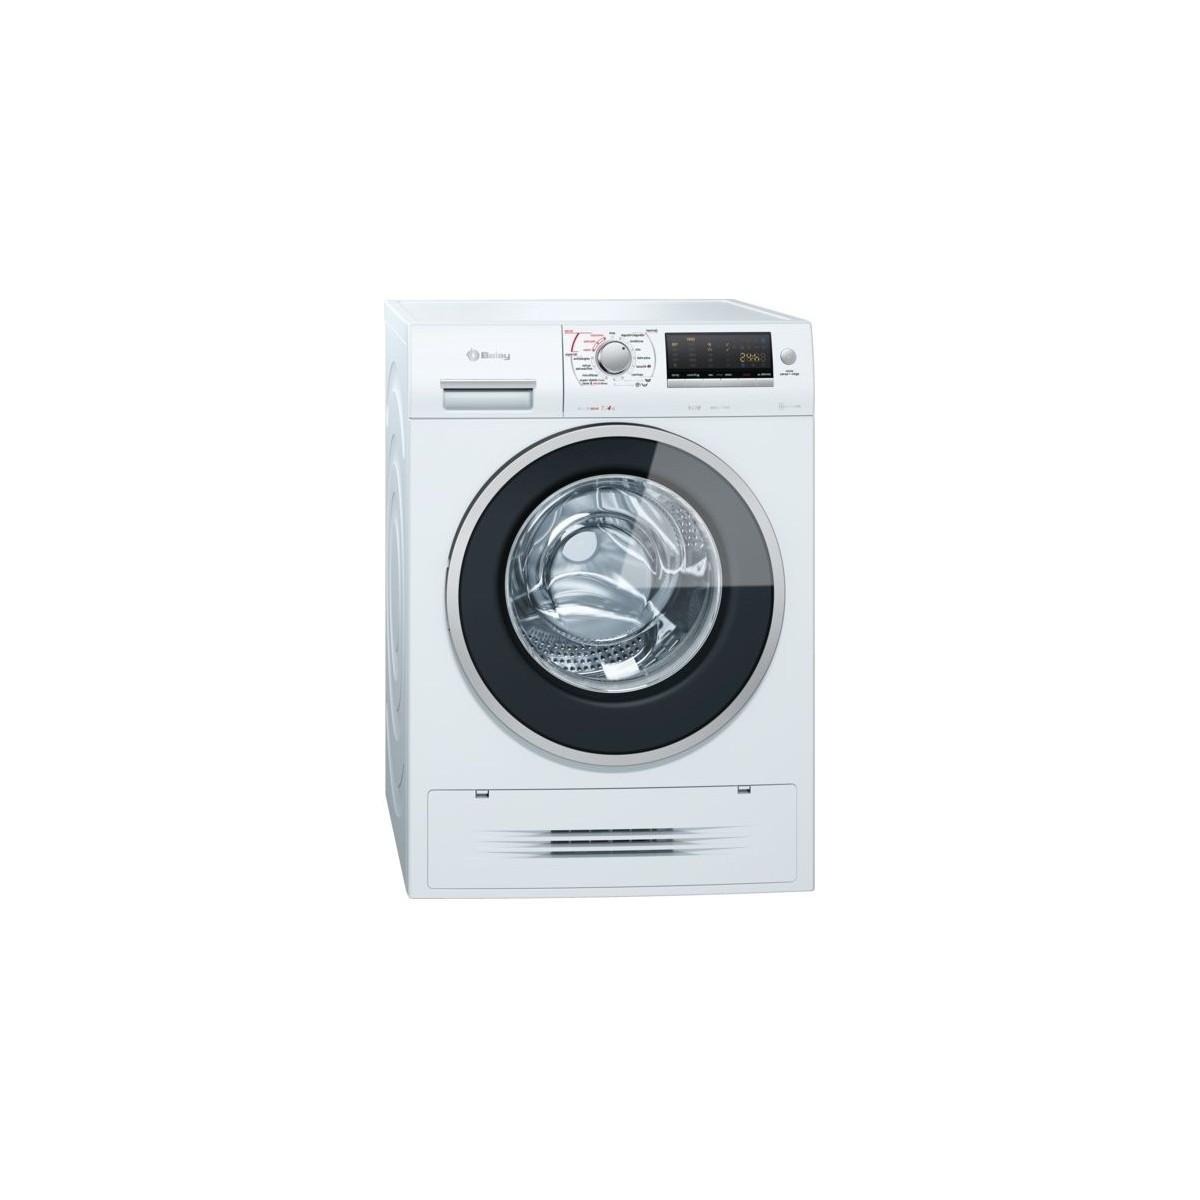 secadora balay 3sb987b1 amazon precio